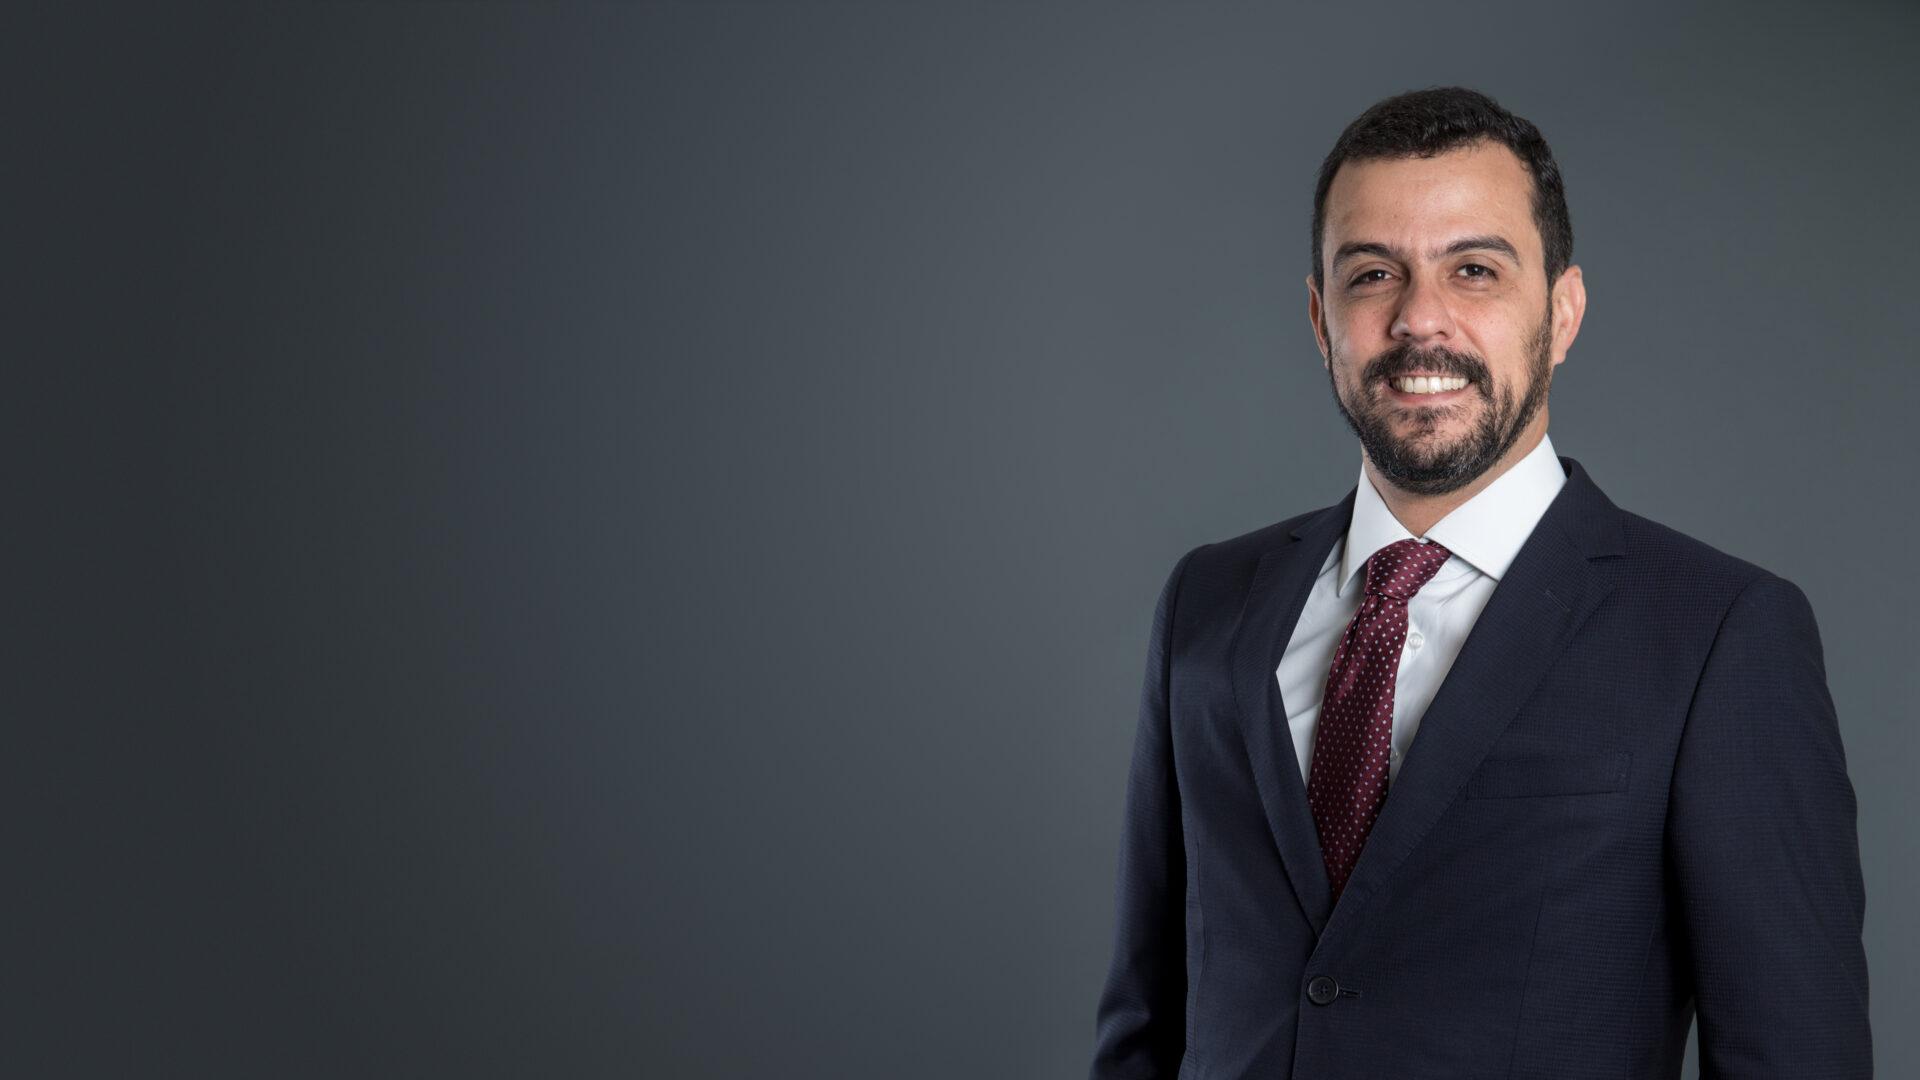 Paulo Henrique Spirandeli Dantas